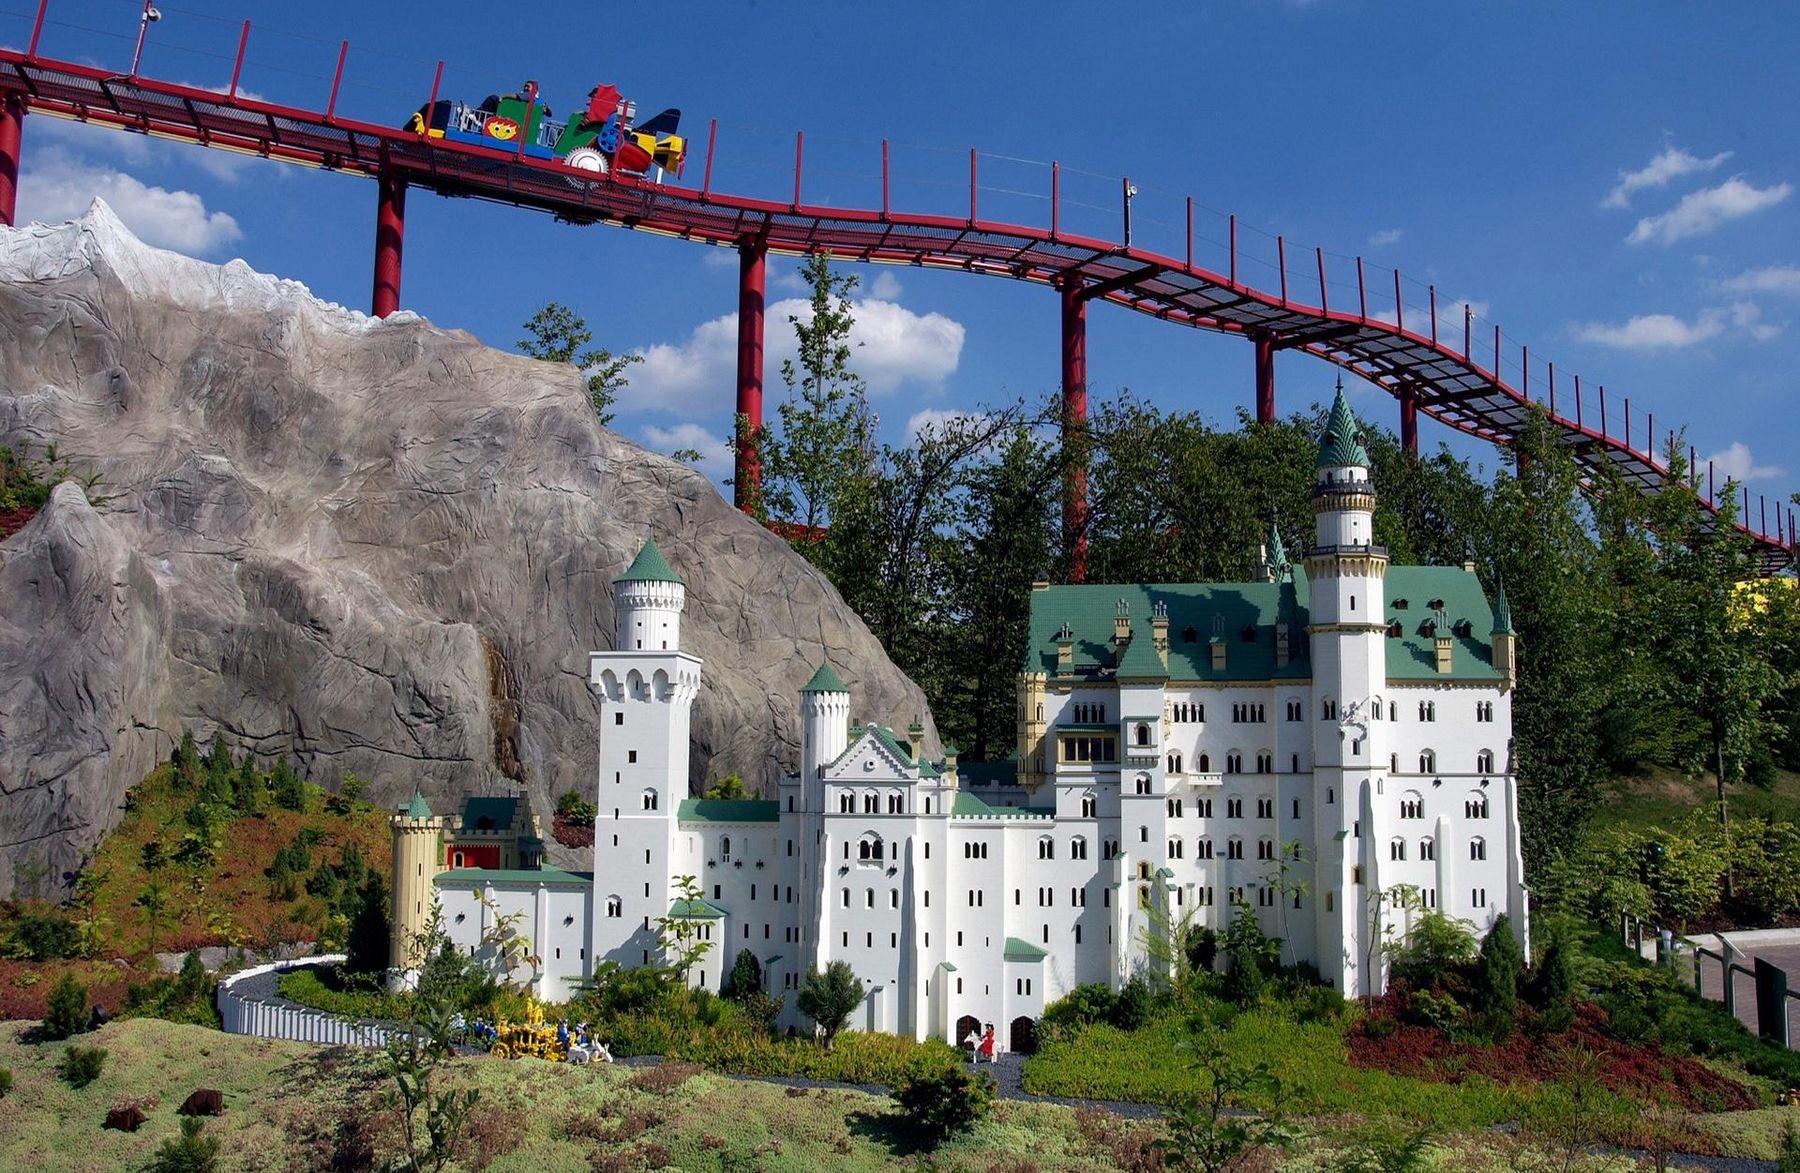 LLD Miniland Schloss Neuschwanstein